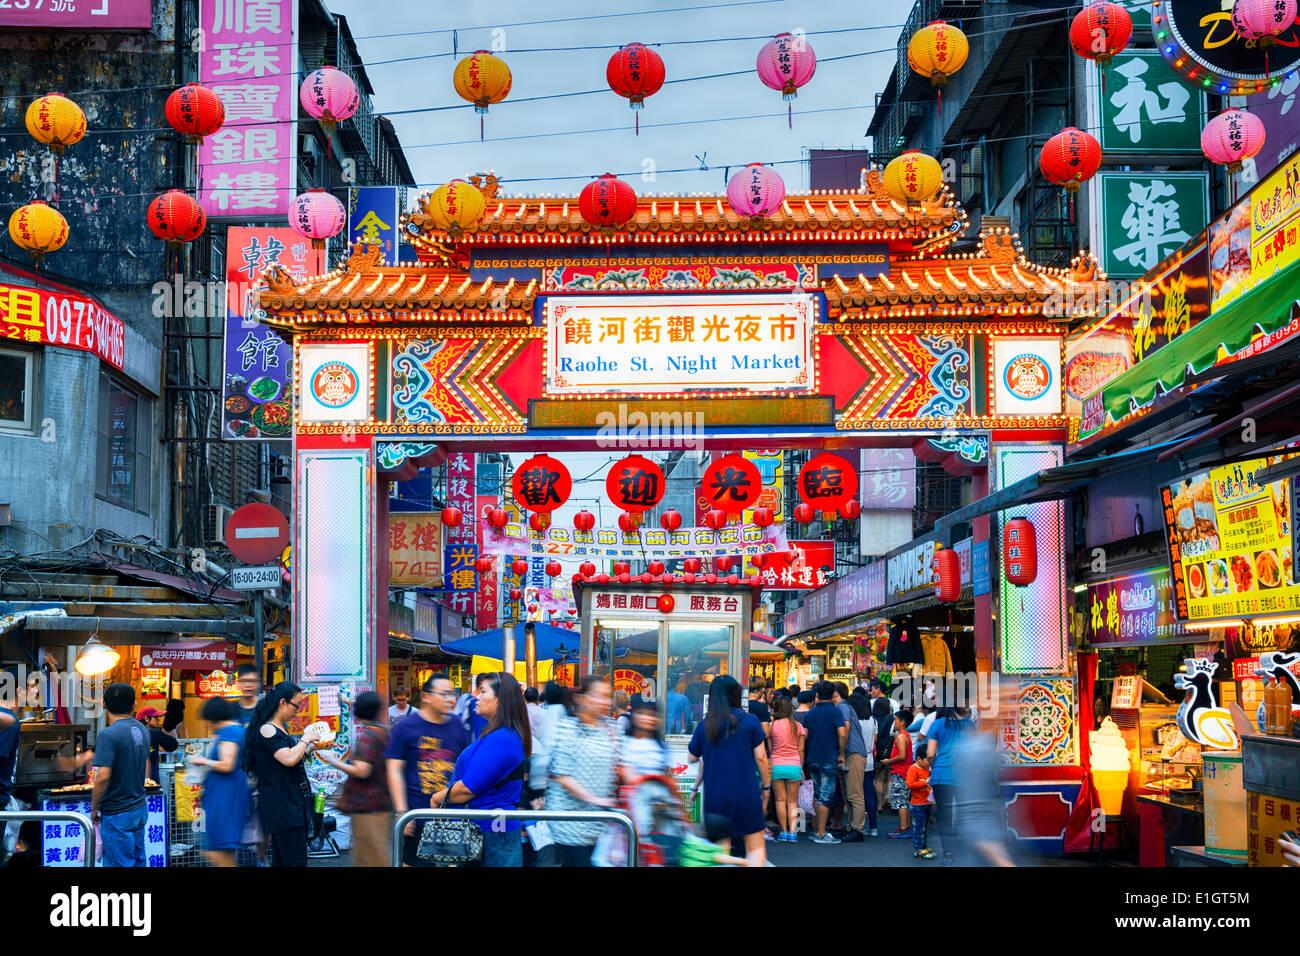 Ingresso di Raohe Street, il Mercato Notturno in Taipei. Immagini Stock